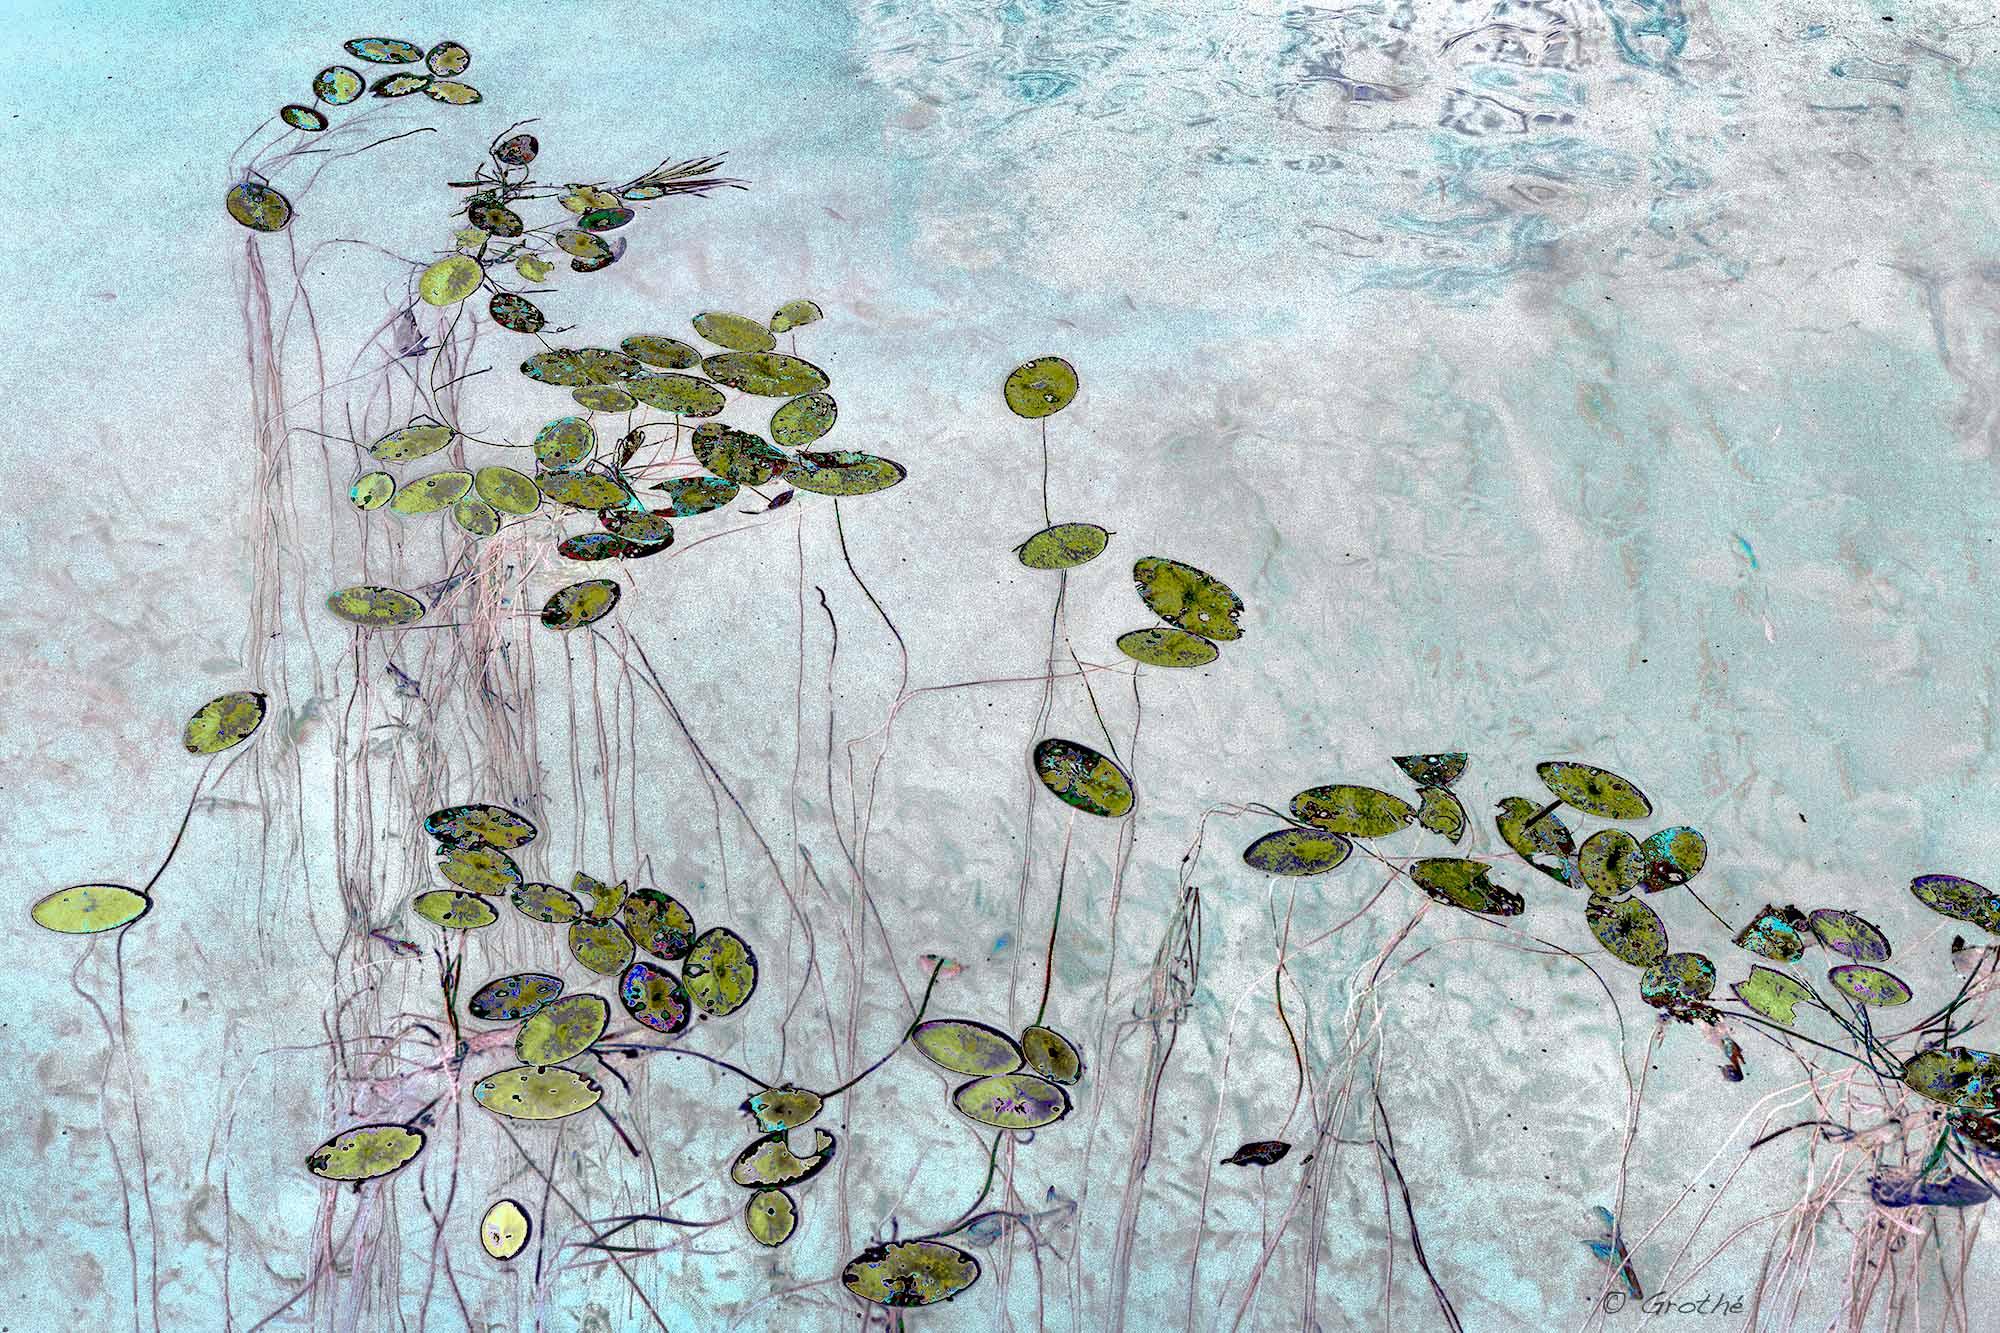 À fleur d'eau I